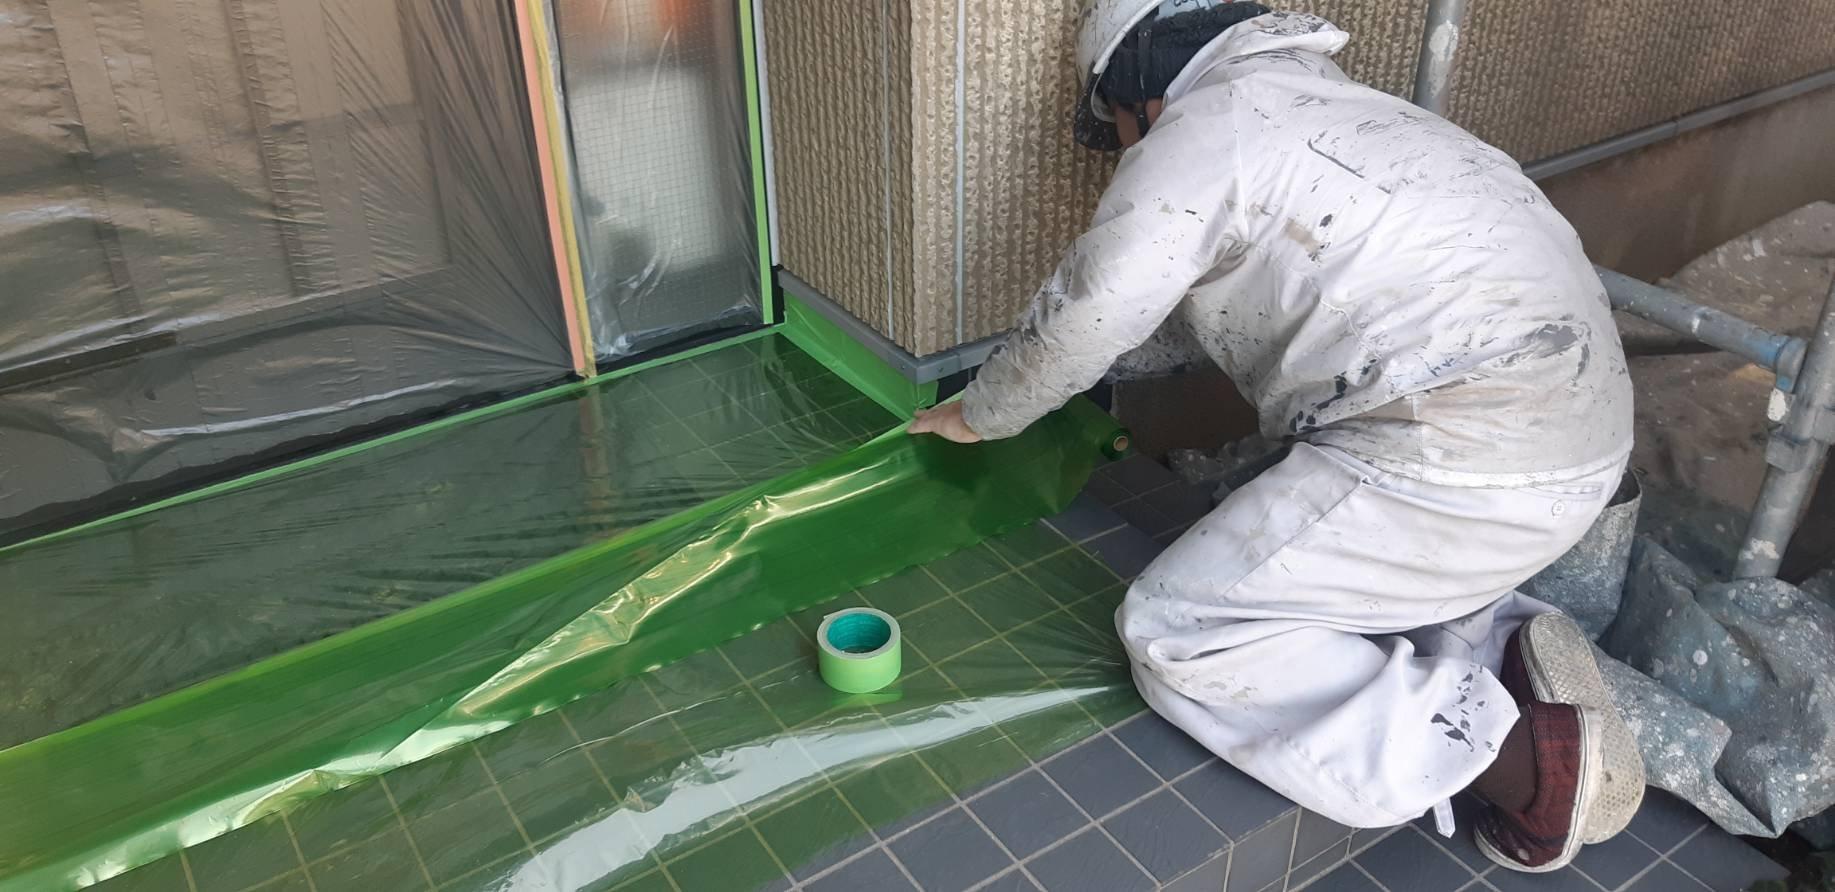 福岡県宗像市三郎丸M様邸施工2日養生さび止め屋根下塗り付帯塗装作業